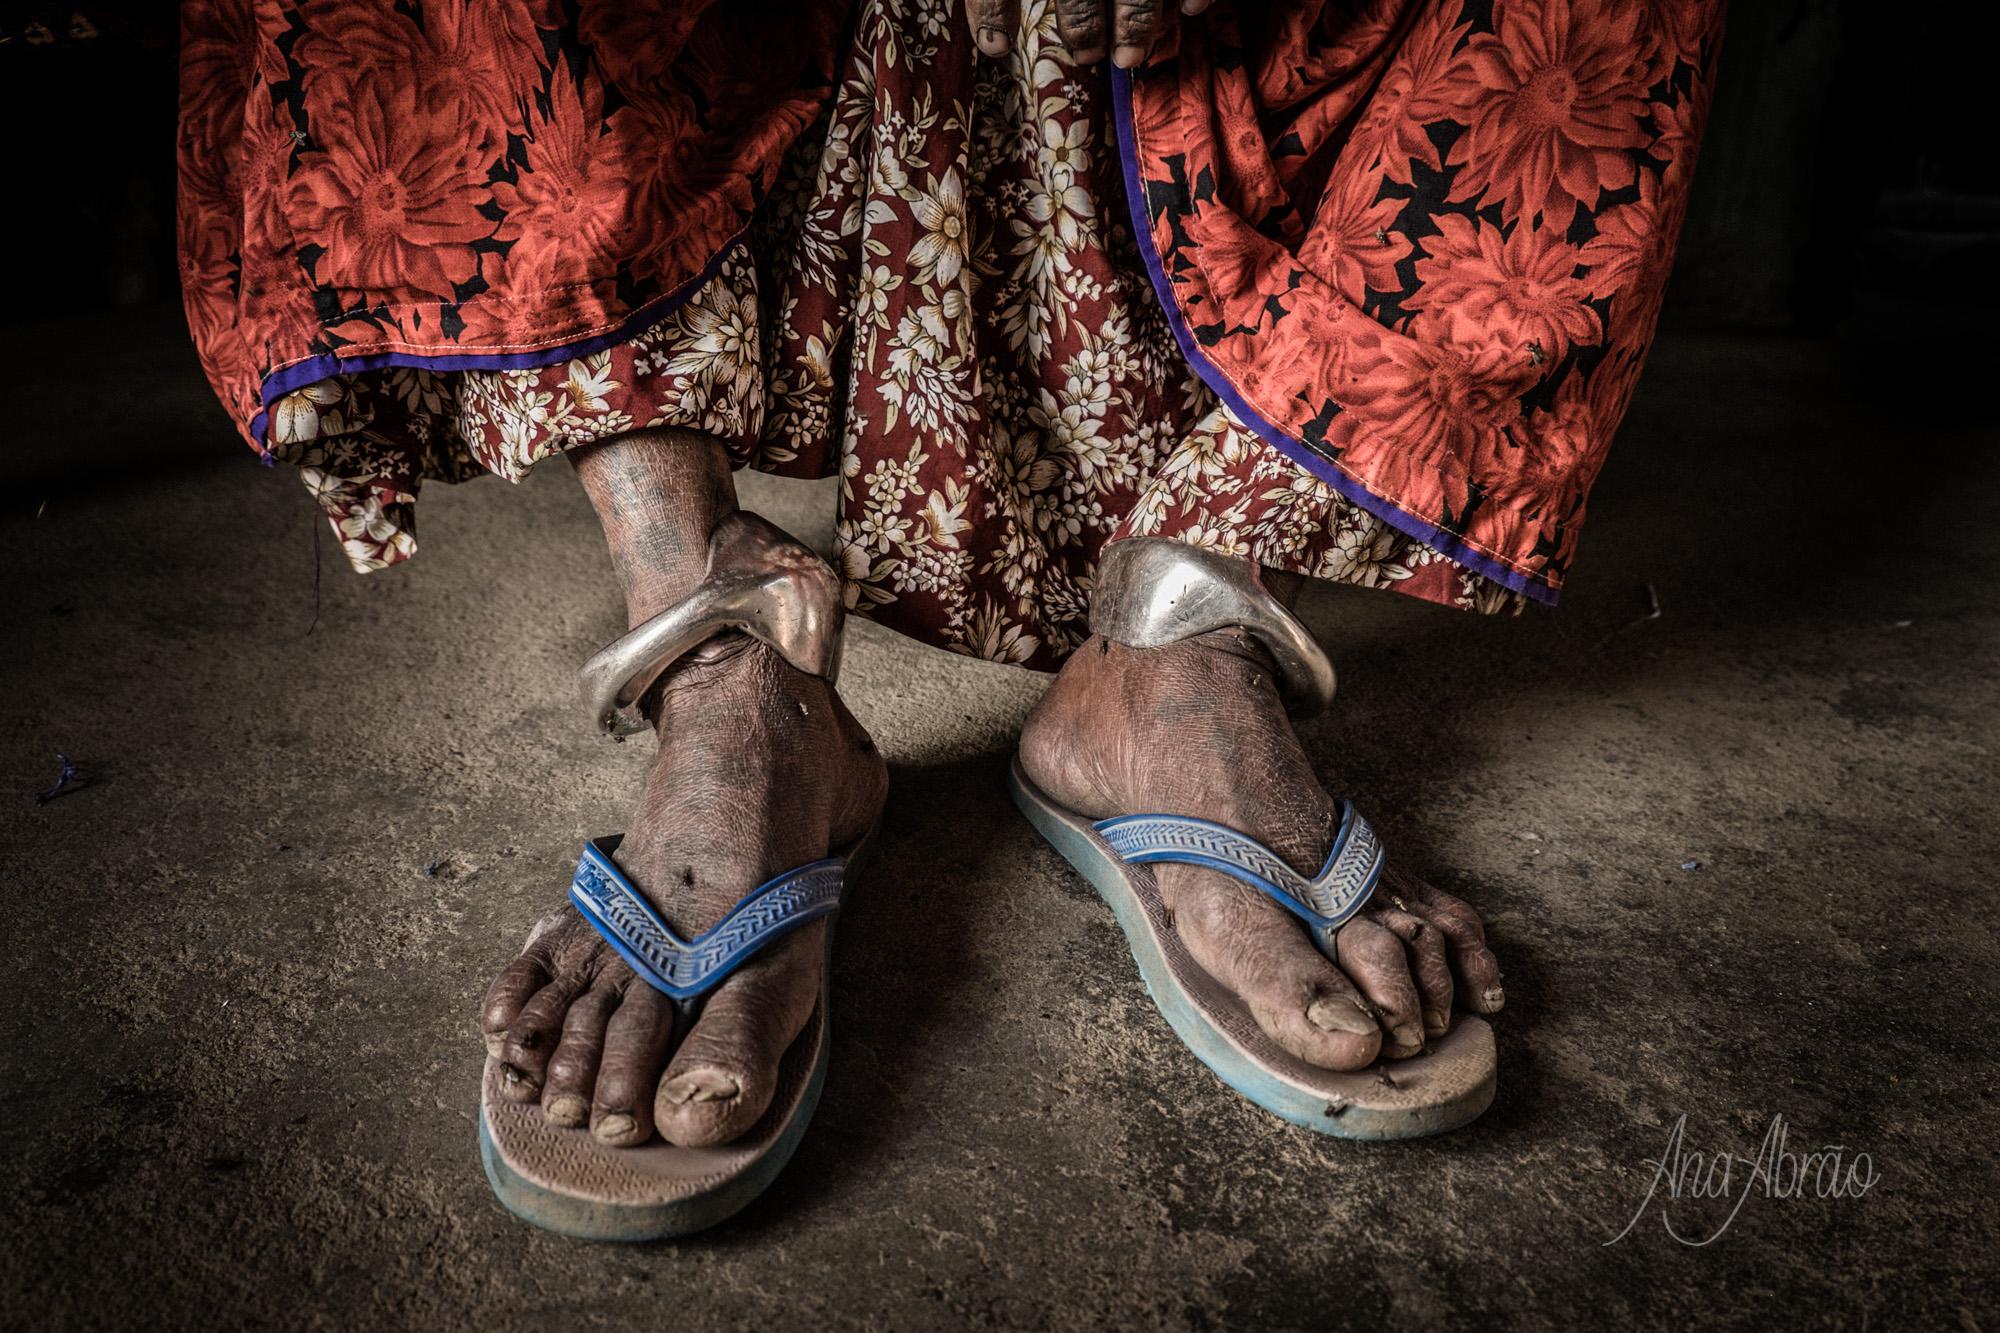 Conversa sobre um projeto fotográfico _ 'Outros Mundos' de Ana Abrão